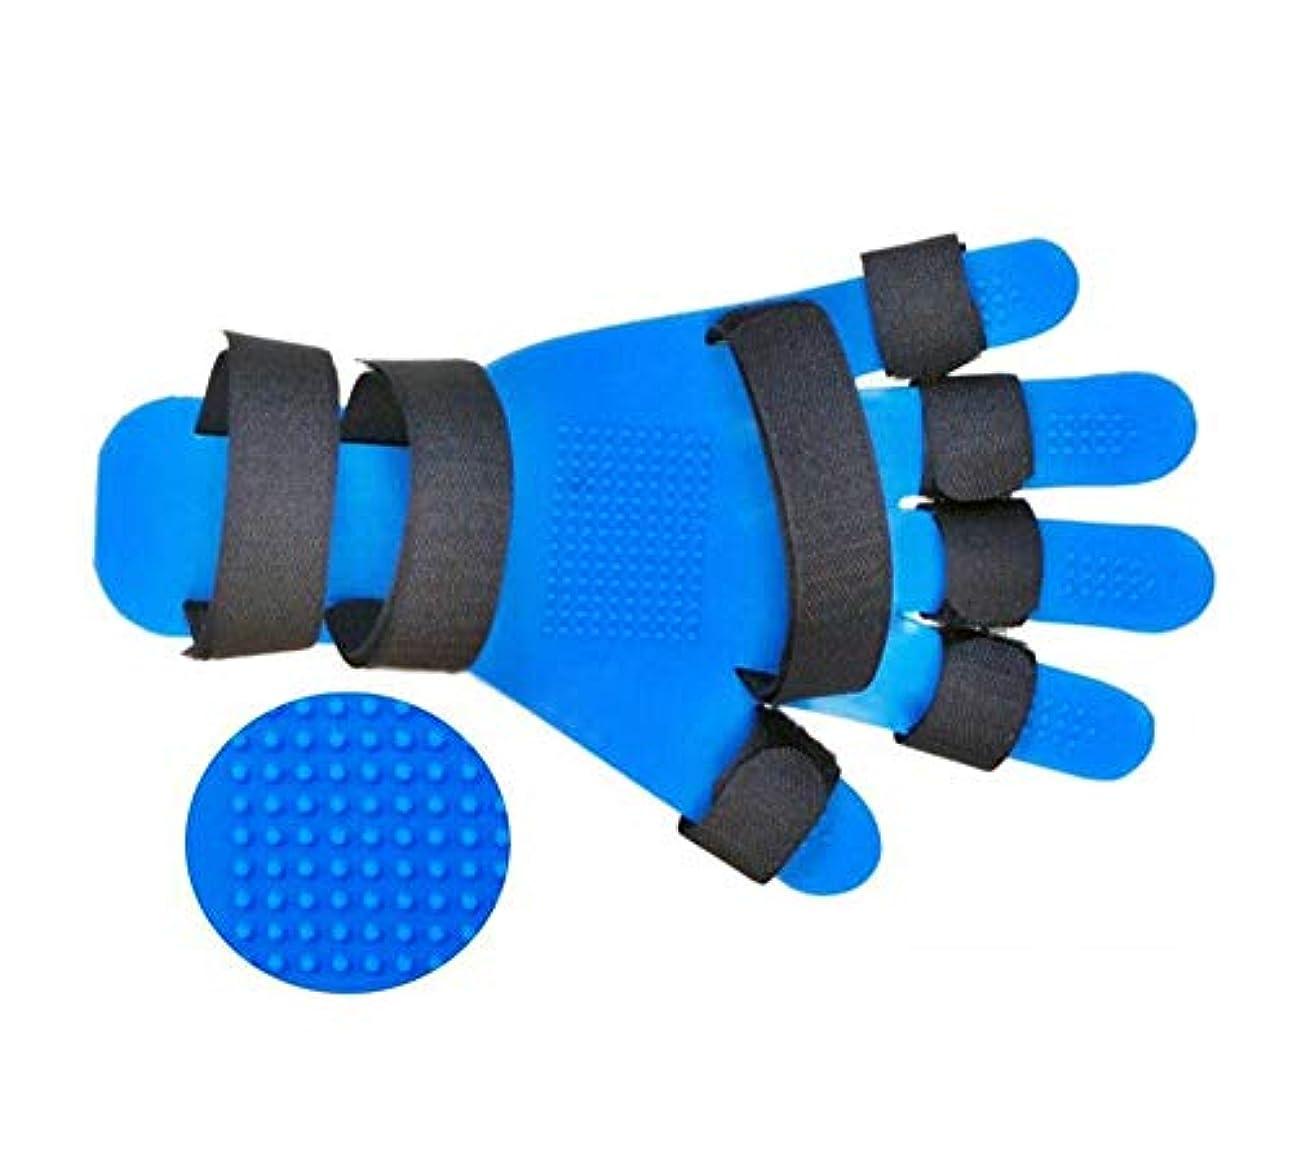 気づかない指どこ指手首矯正器調節可能な指矯正プレート指分離プレート指を片側固定にする固定板指リハビリテーション機器